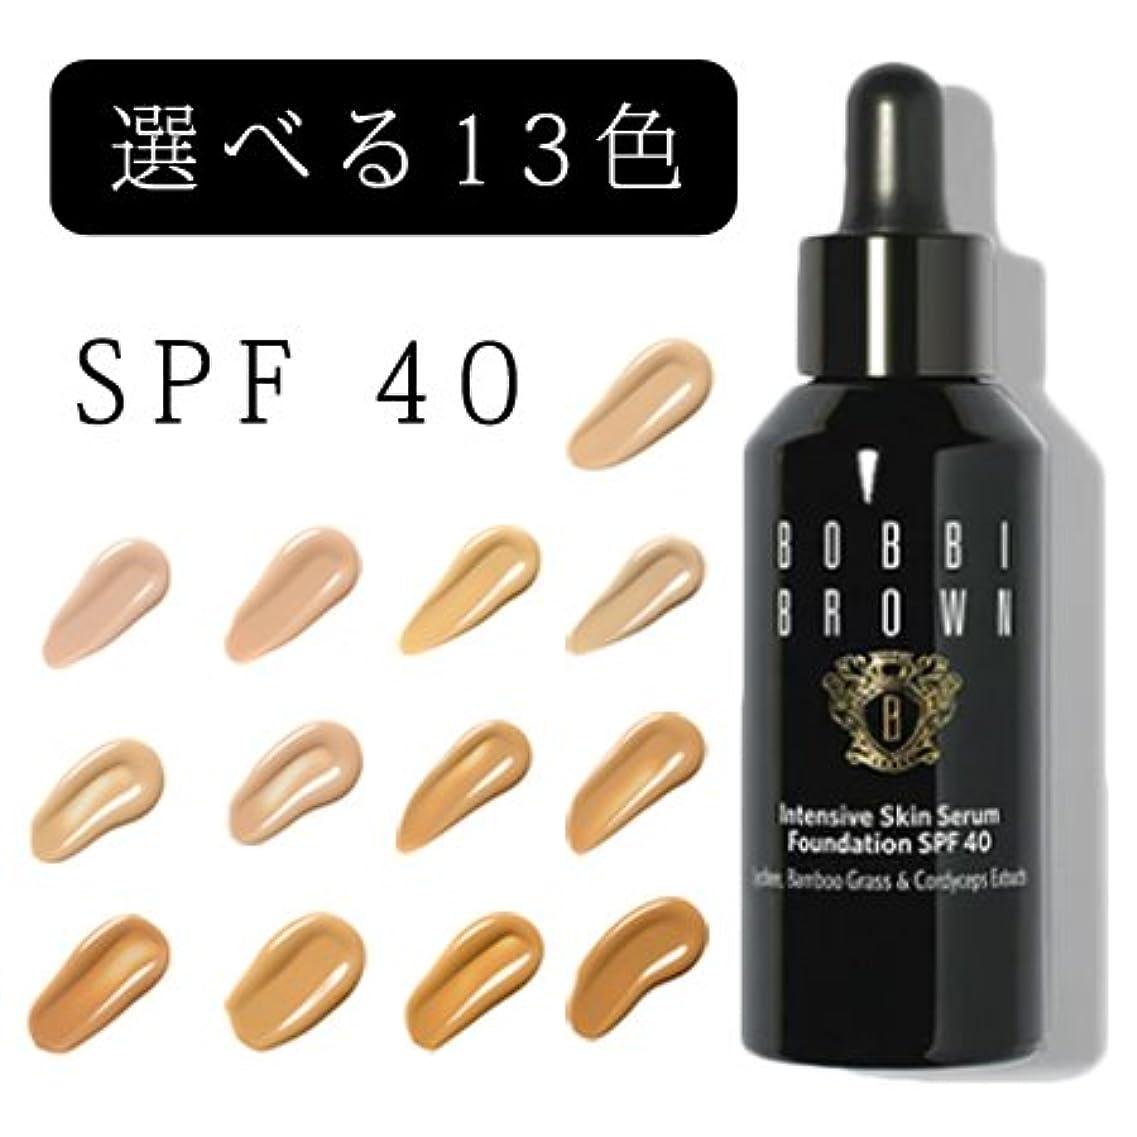 ボビイブラウン インテンシブ スキン セラム ファンデーション SPF 40 (PA++++) 13色展開 -BOBBI BROWN- クールアイボリー